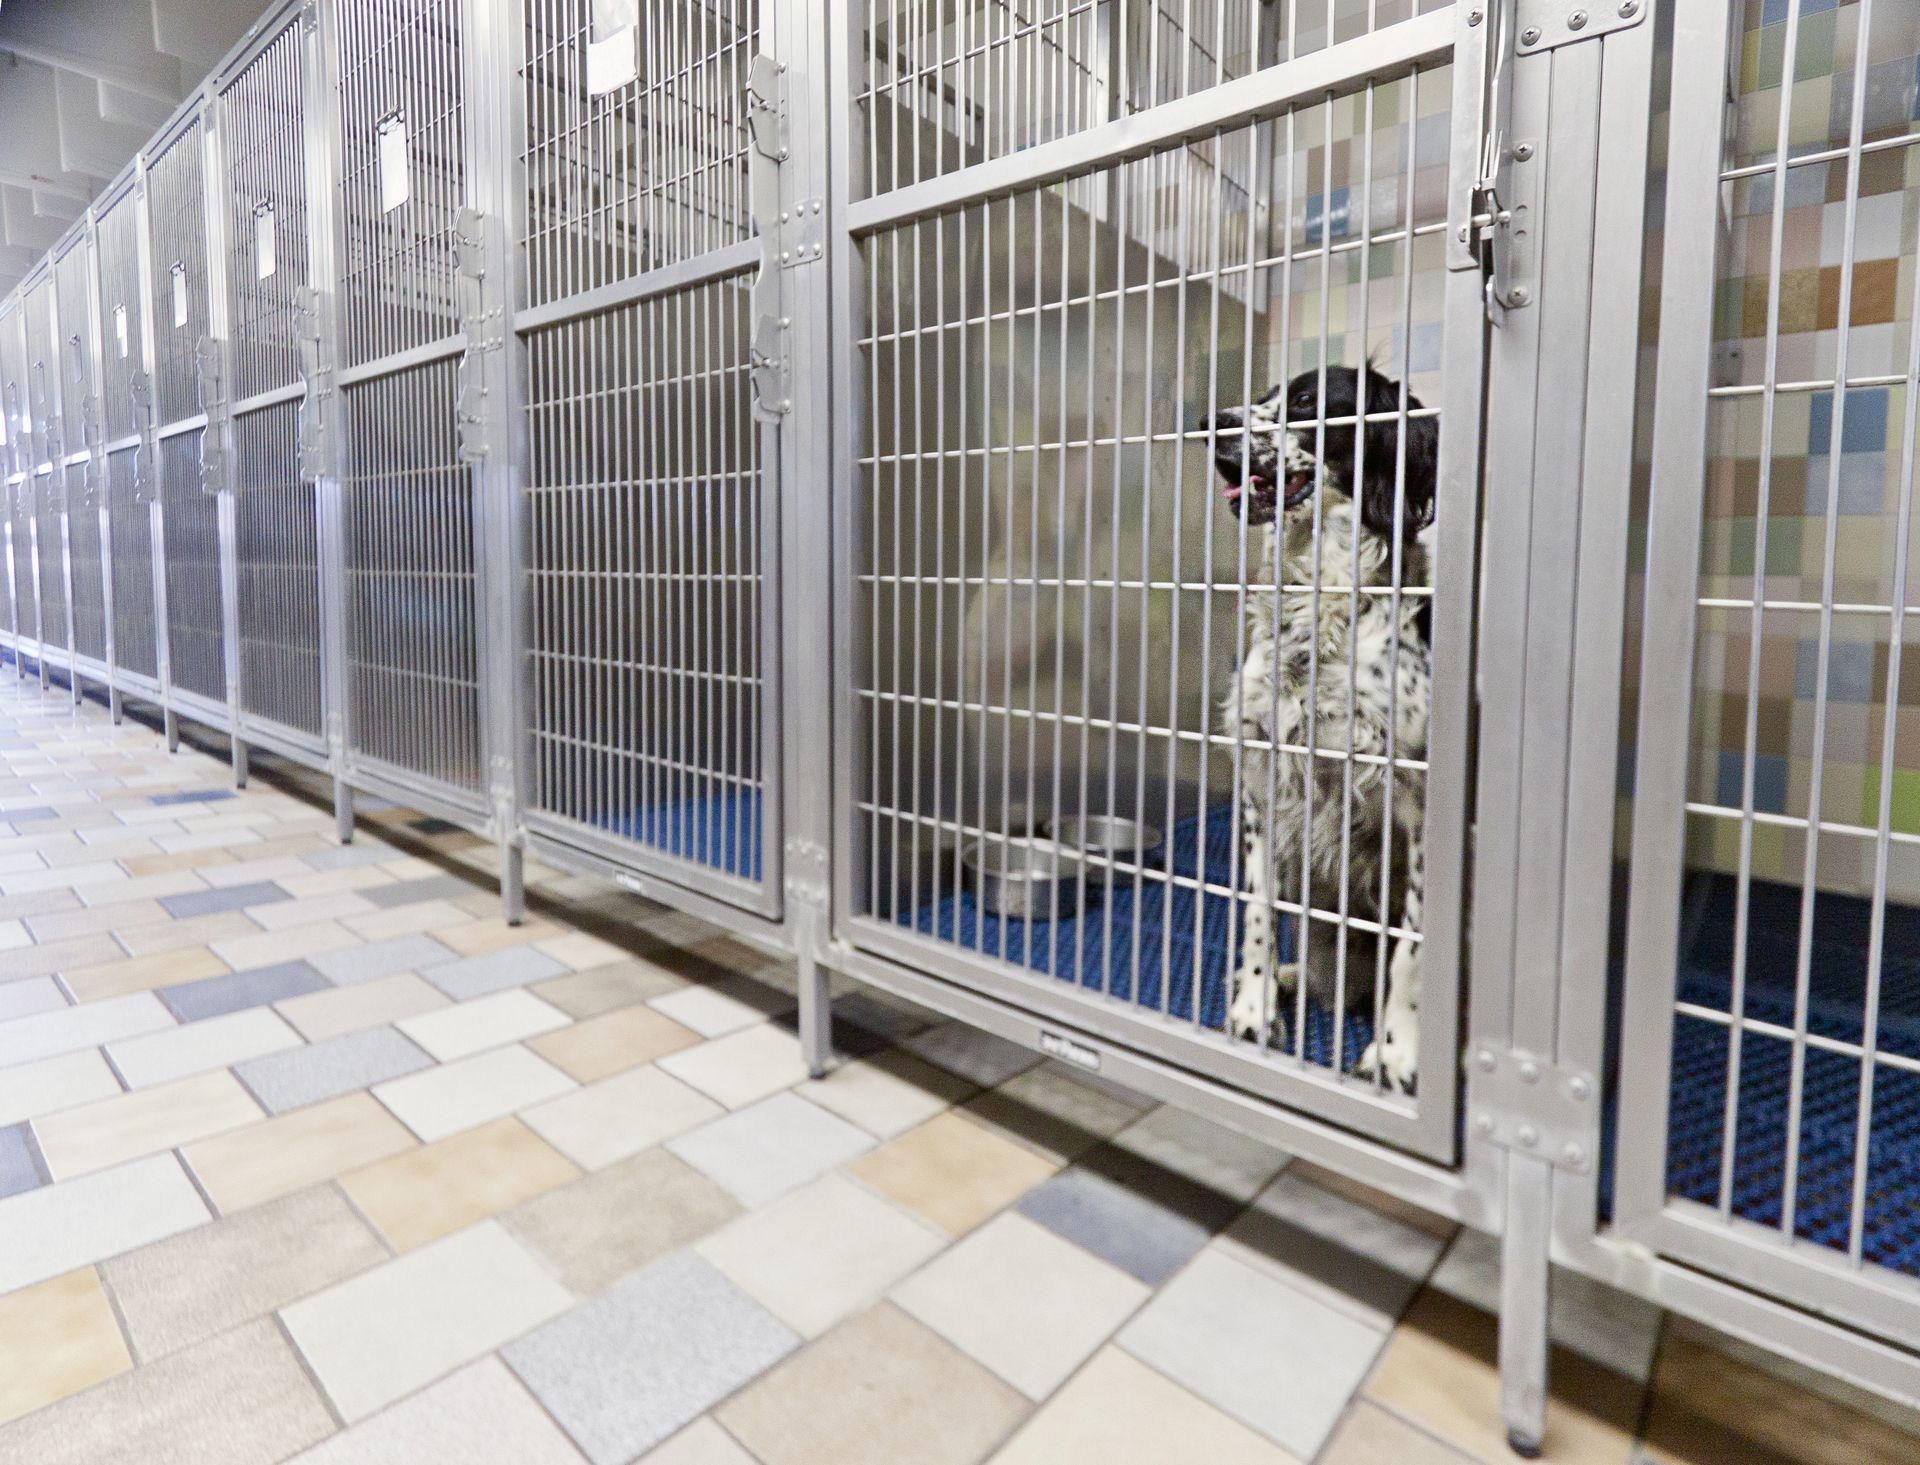 Kennels Dog Kennel Flooring Indoor Dog Kennel Dog Kennel Outdoor